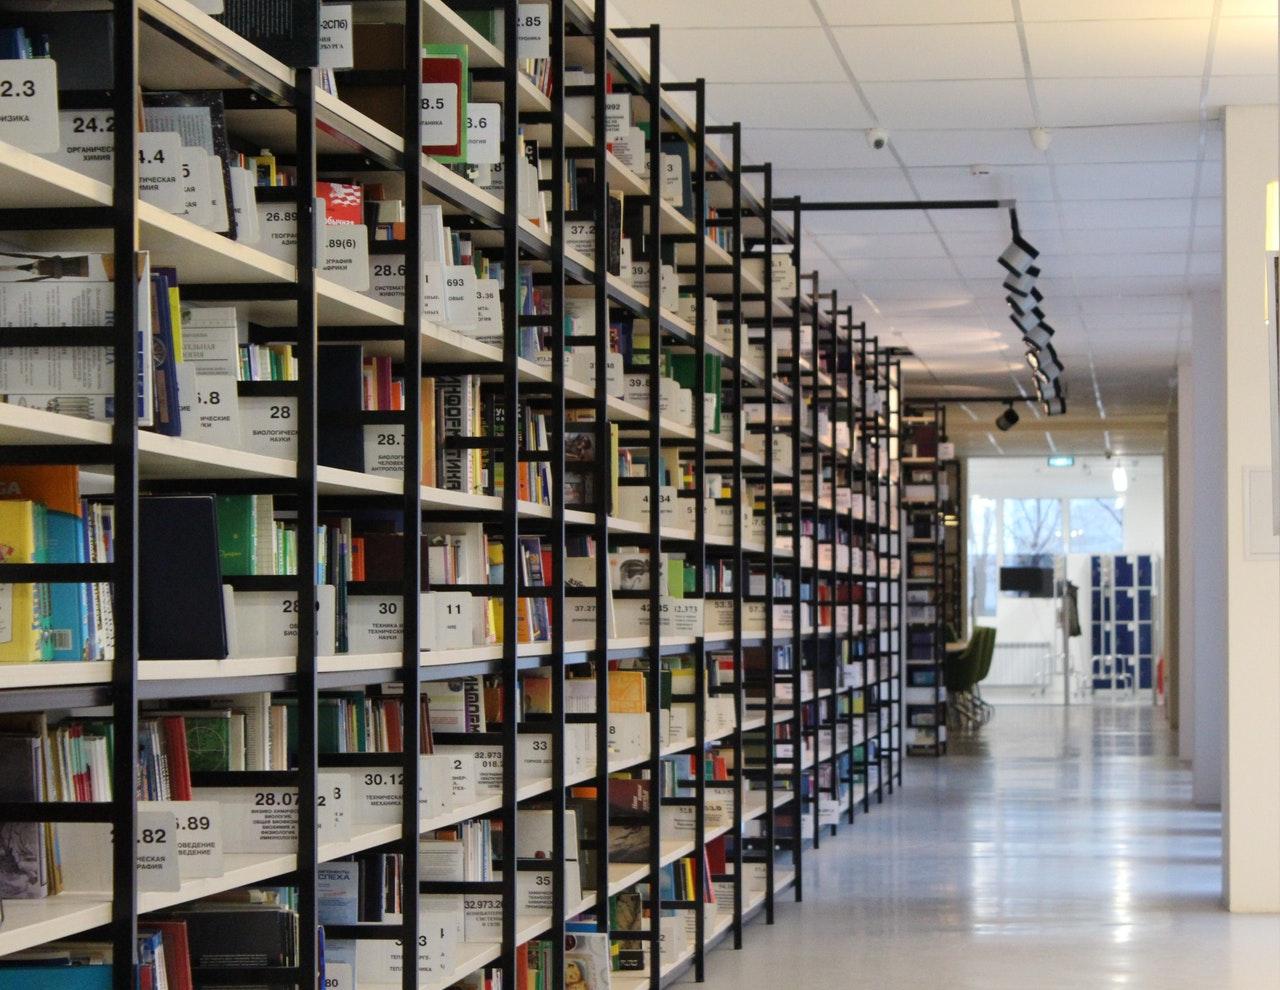 Bibliotek med mange bøger